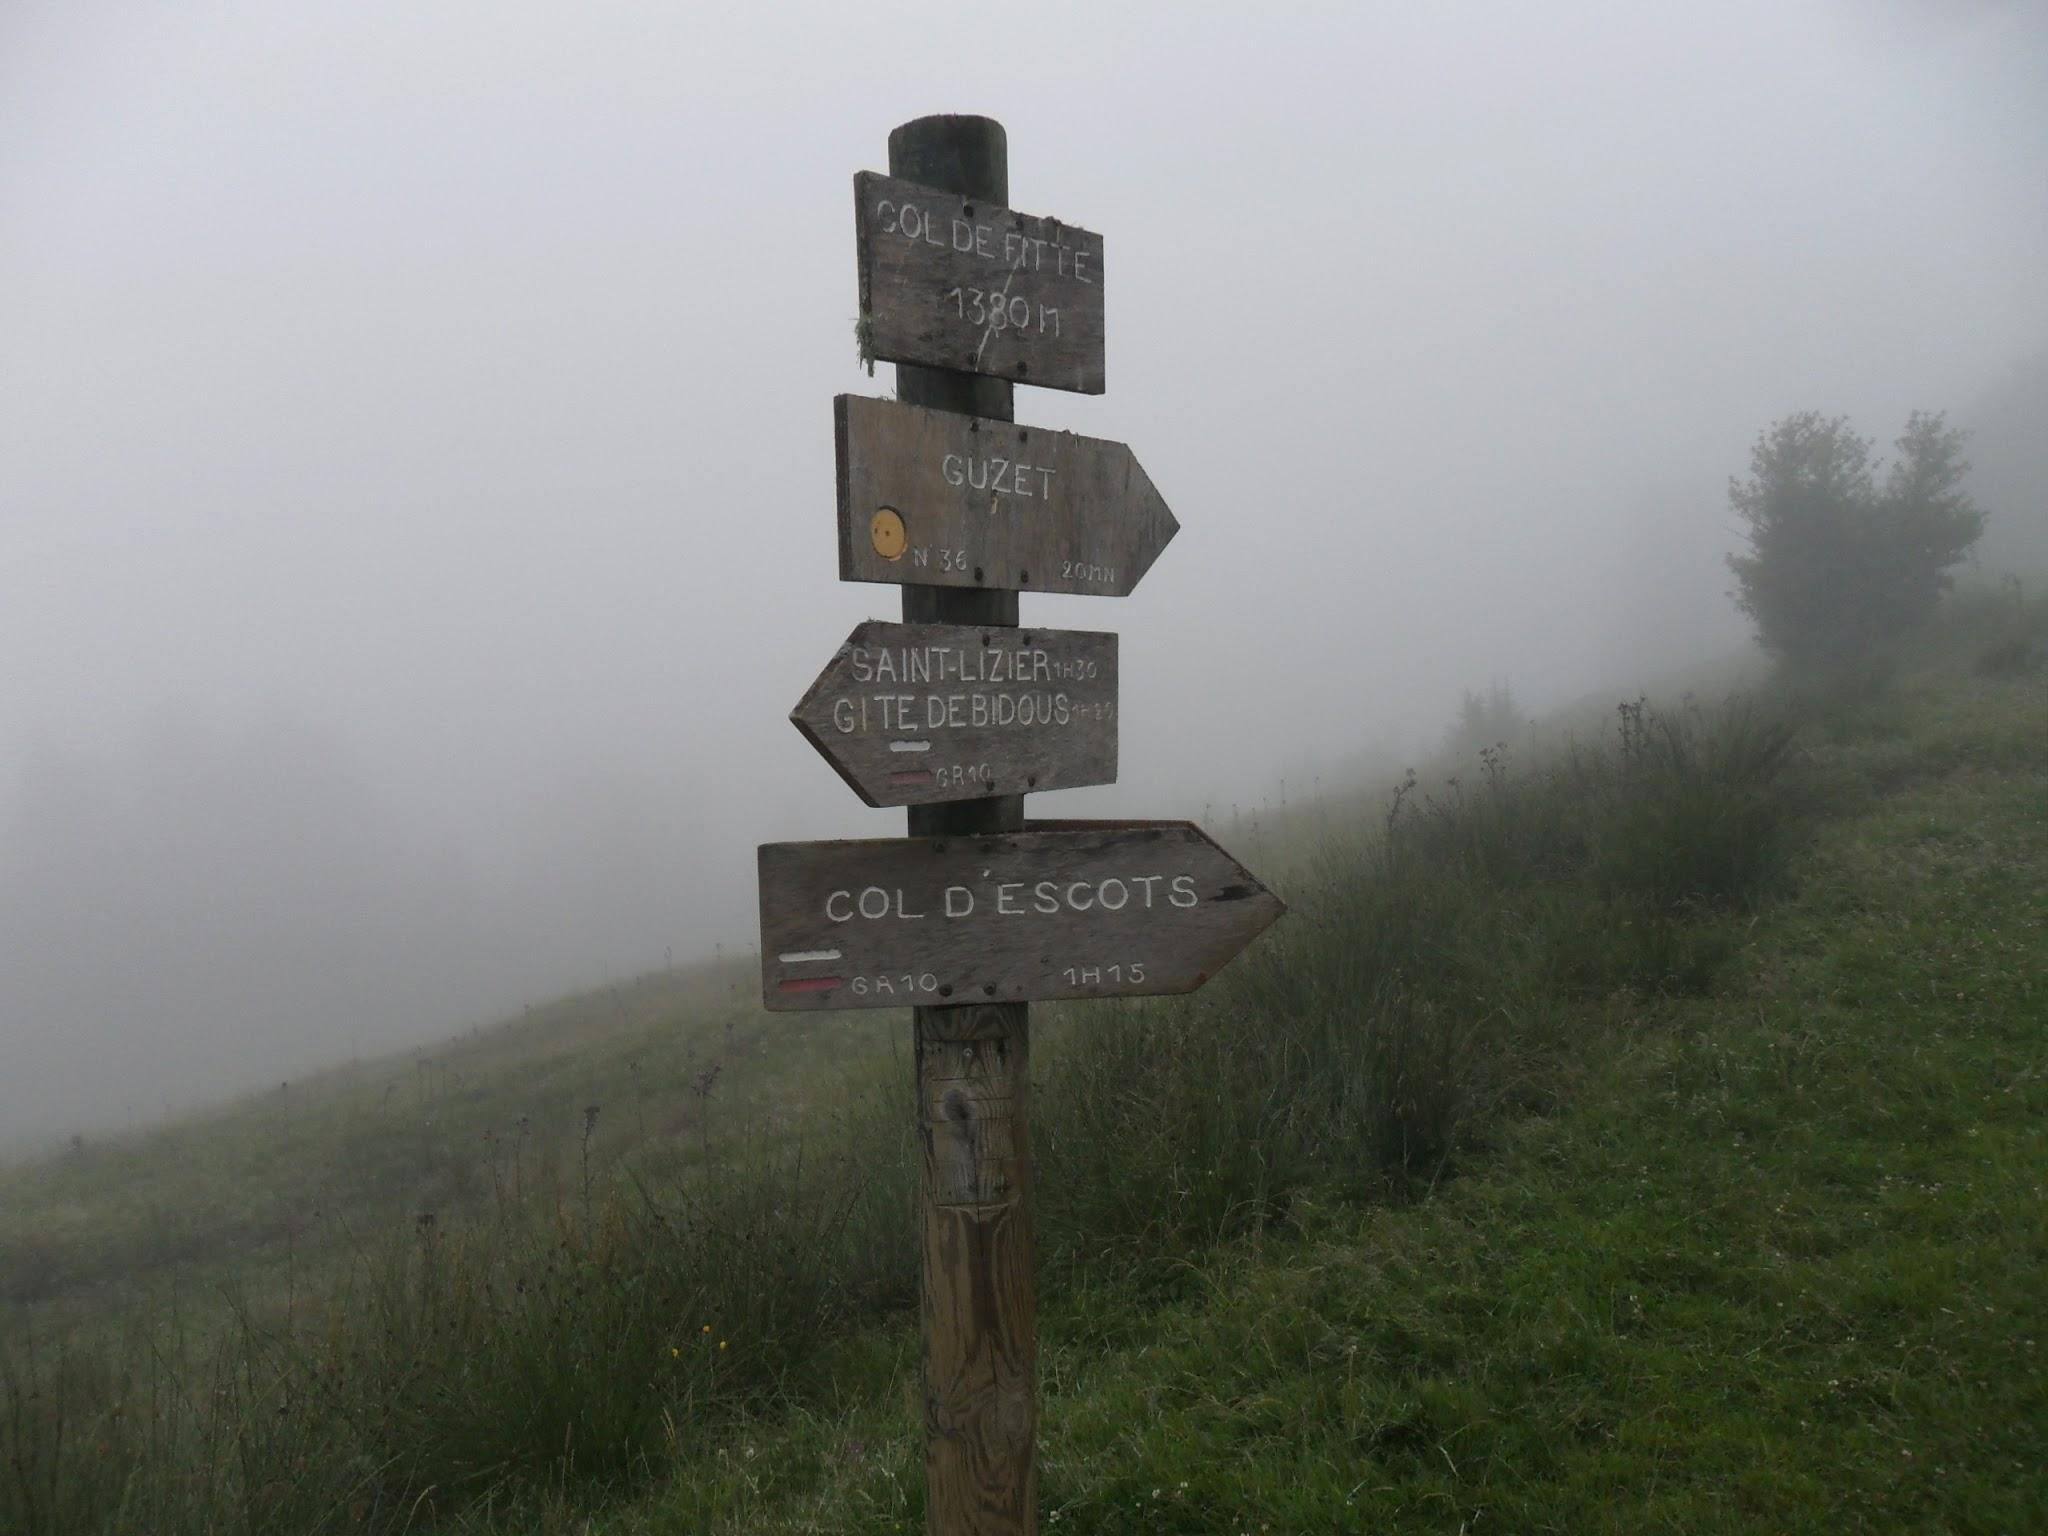 Col de Fitté